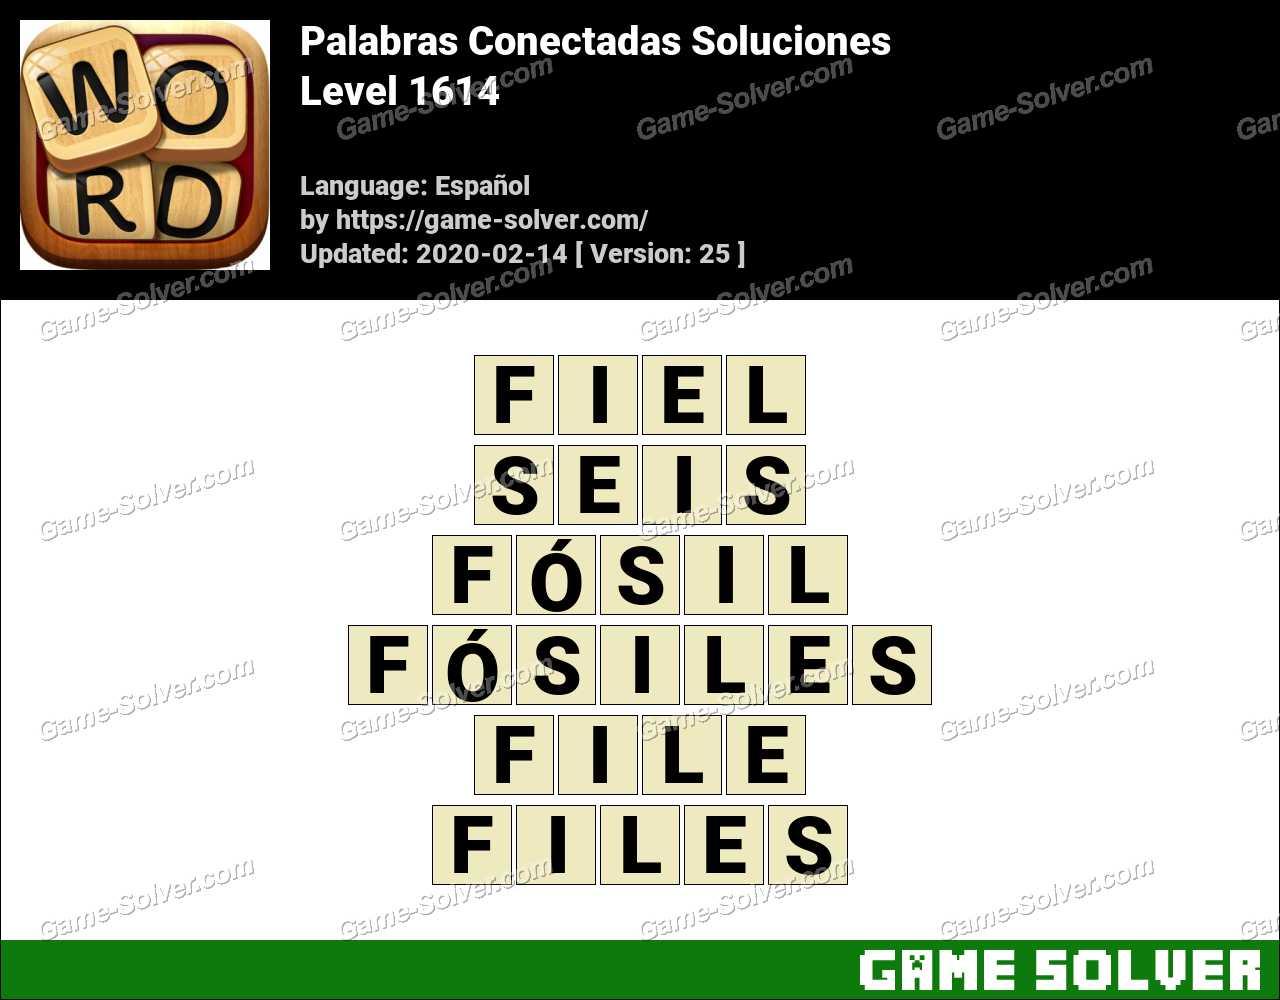 Palabras Conectadas Nivel 1614 Soluciones